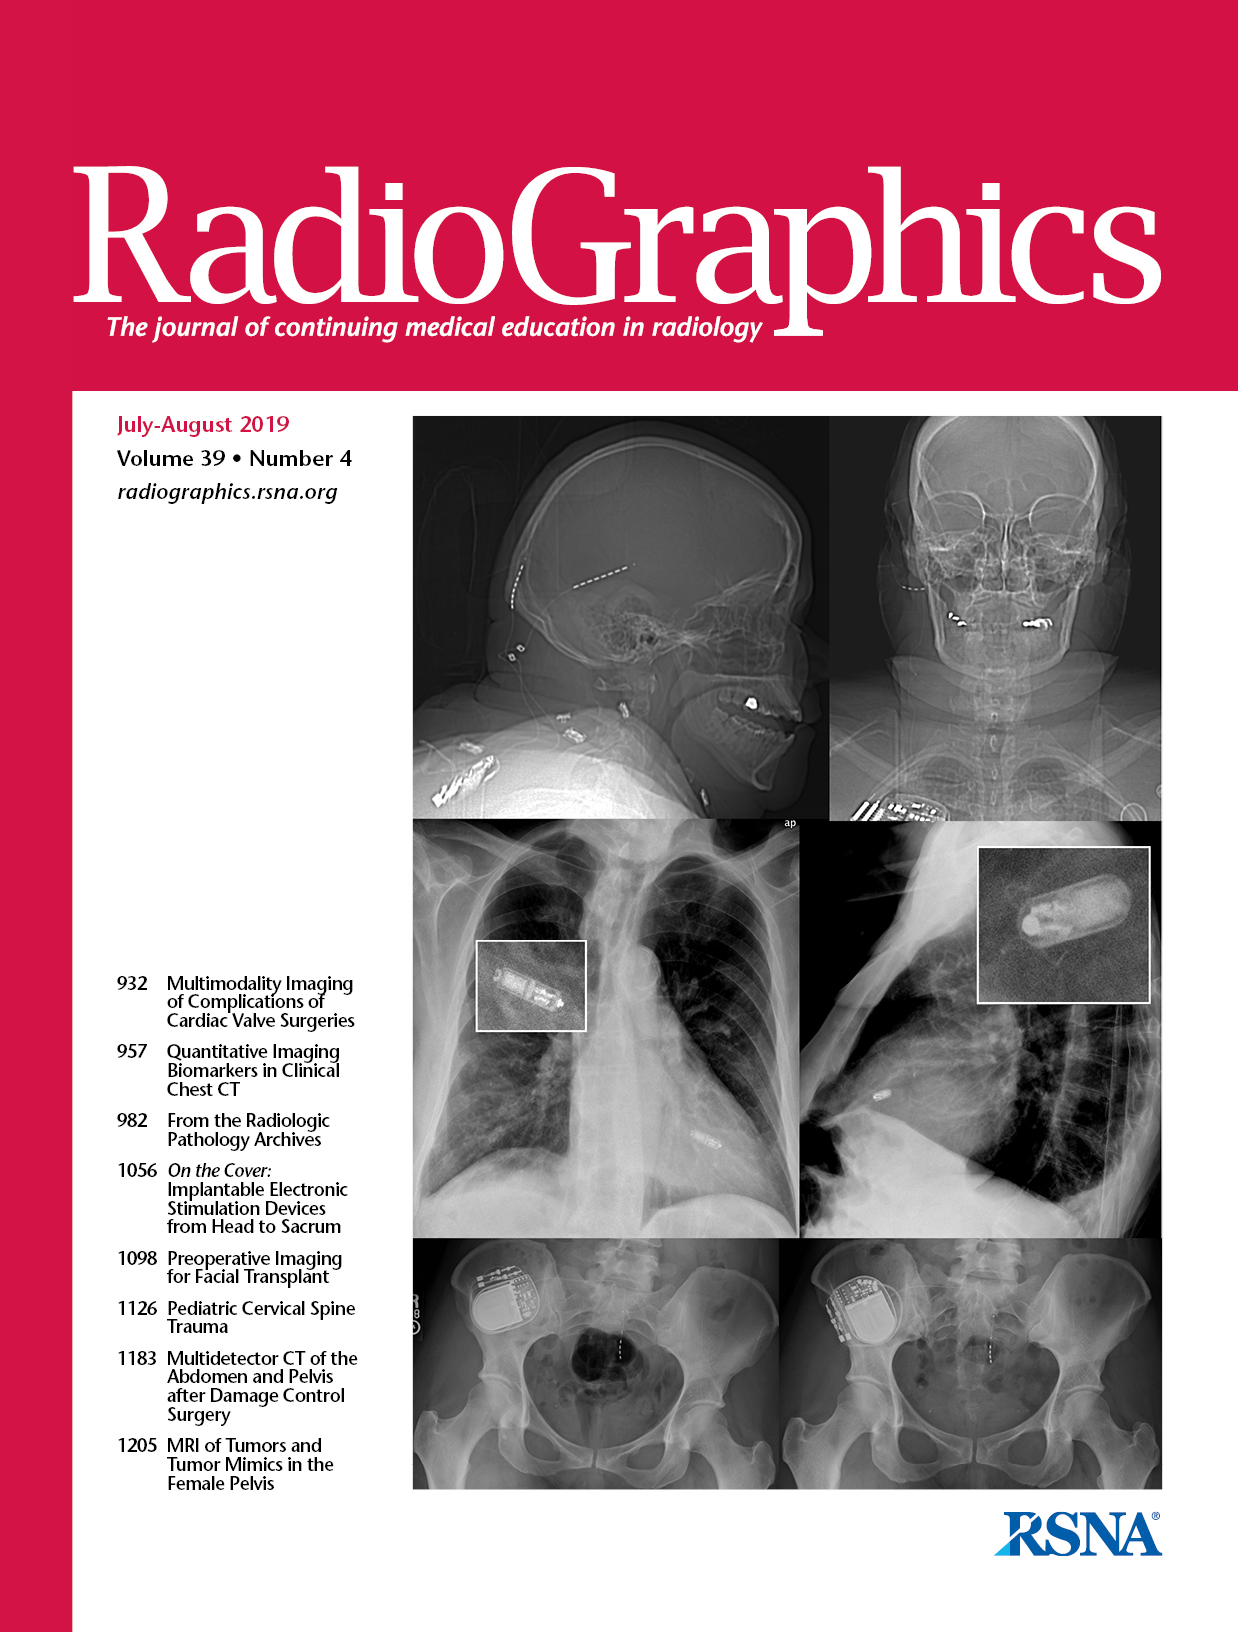 Multidetektoros CT eredmények a has és medence akut traumás eredetű sérüléseinek kontroll alatt tartó műtétei után